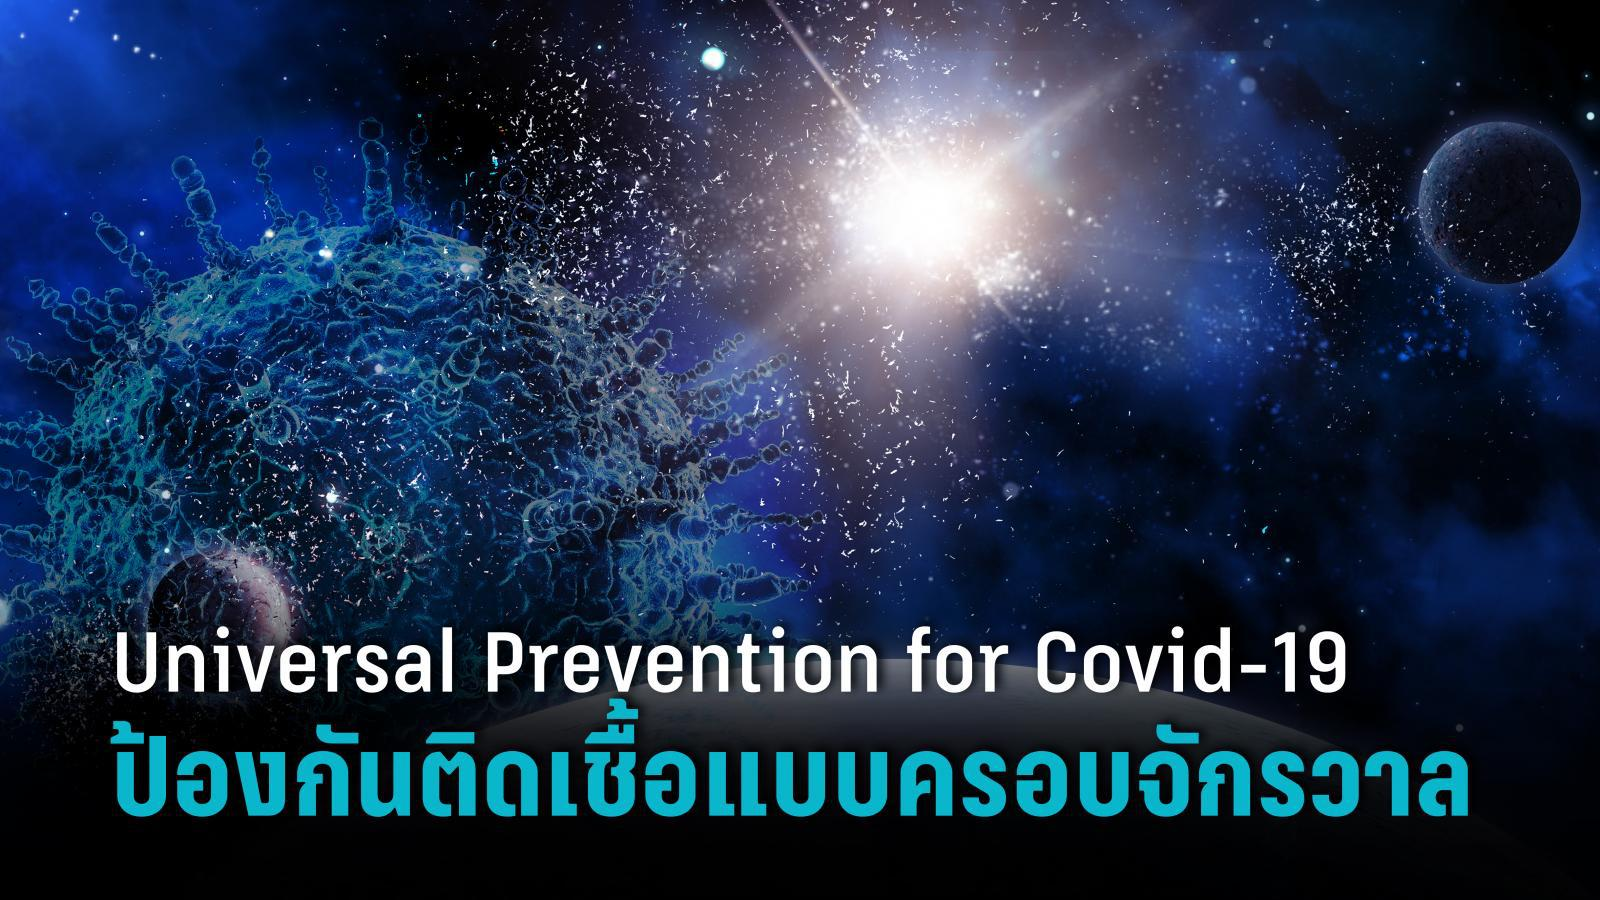 ทำความรู้จัก Universal Prevention for Covid-19 การป้องกันการติดเชื้อแบบครอบจักรวาล